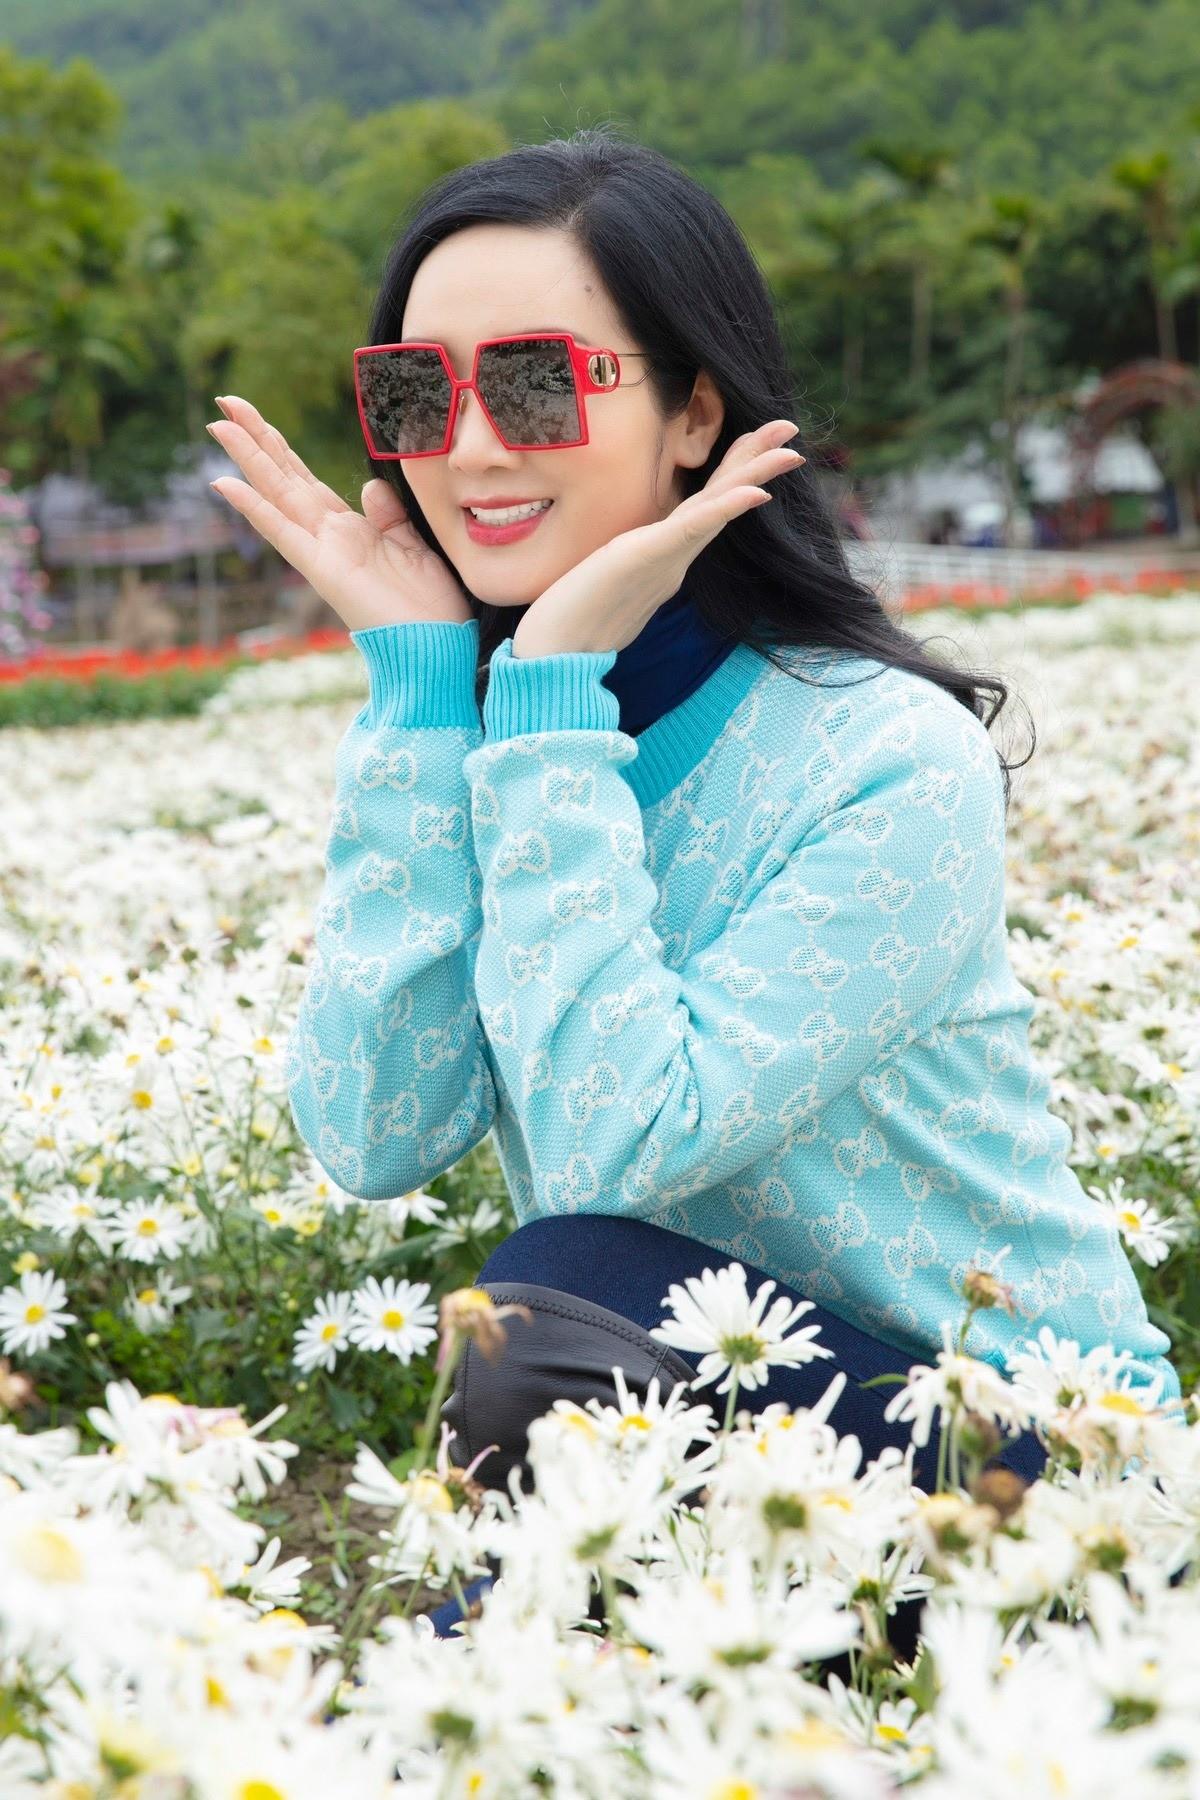 Hoa hậu Giáng My khoe khéo body gợi cảm và vẻ đẹp không tuổi những ngày đầu năm mới ảnh 4